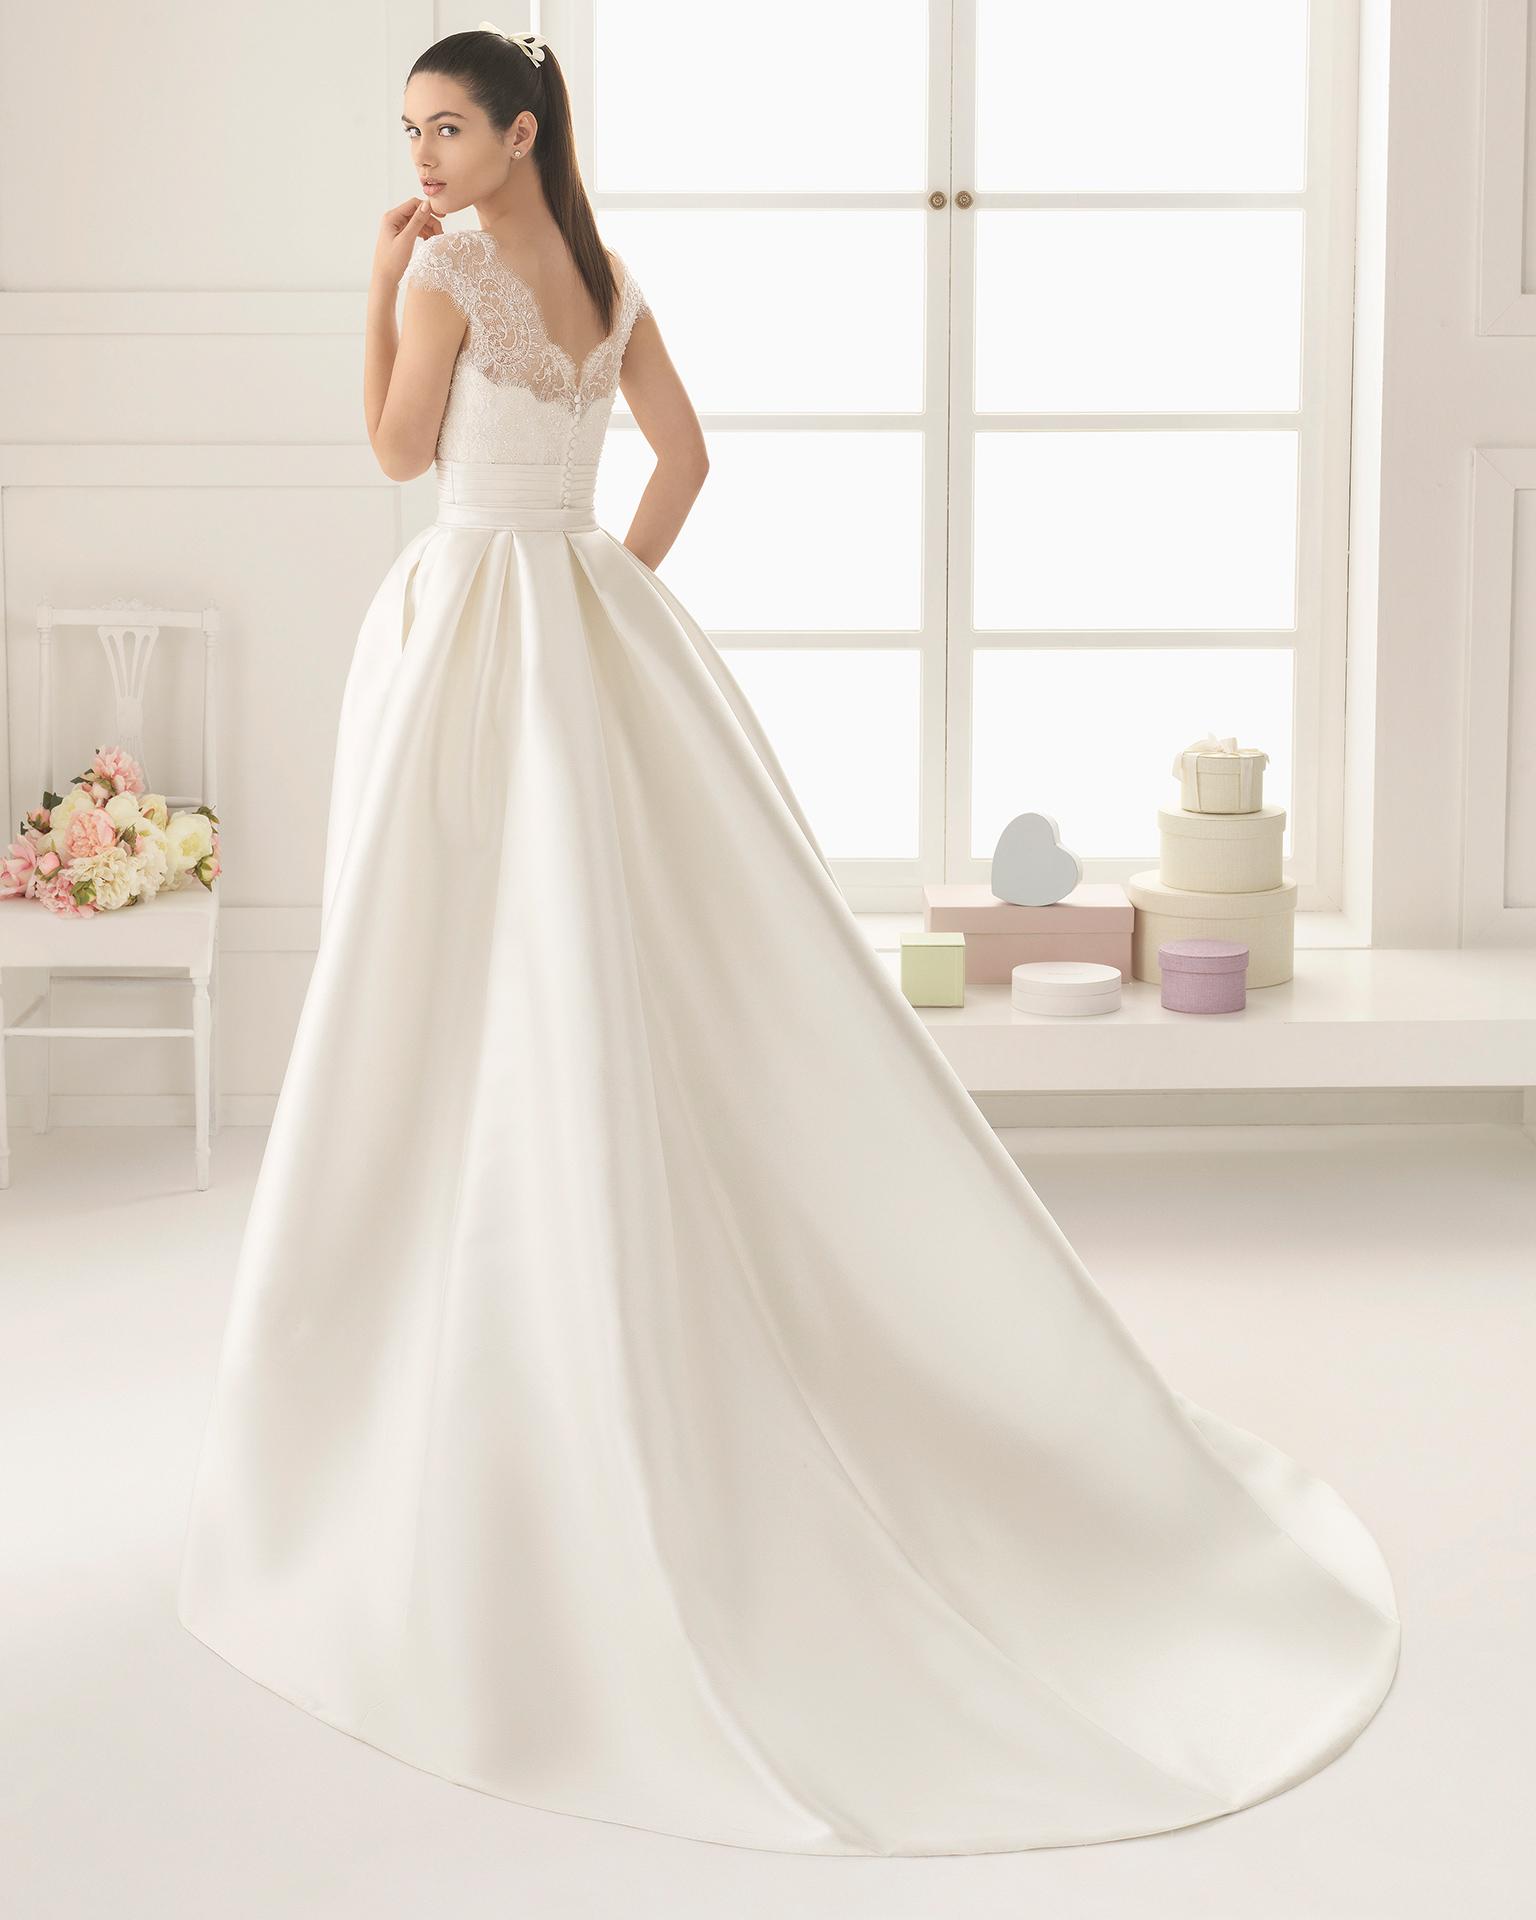 Enfasis (40, dress+train/mikado/бисер, natural) Свадебное платье Rosa Clara в Одессе. Свадебный салон Скоро Свадьба.